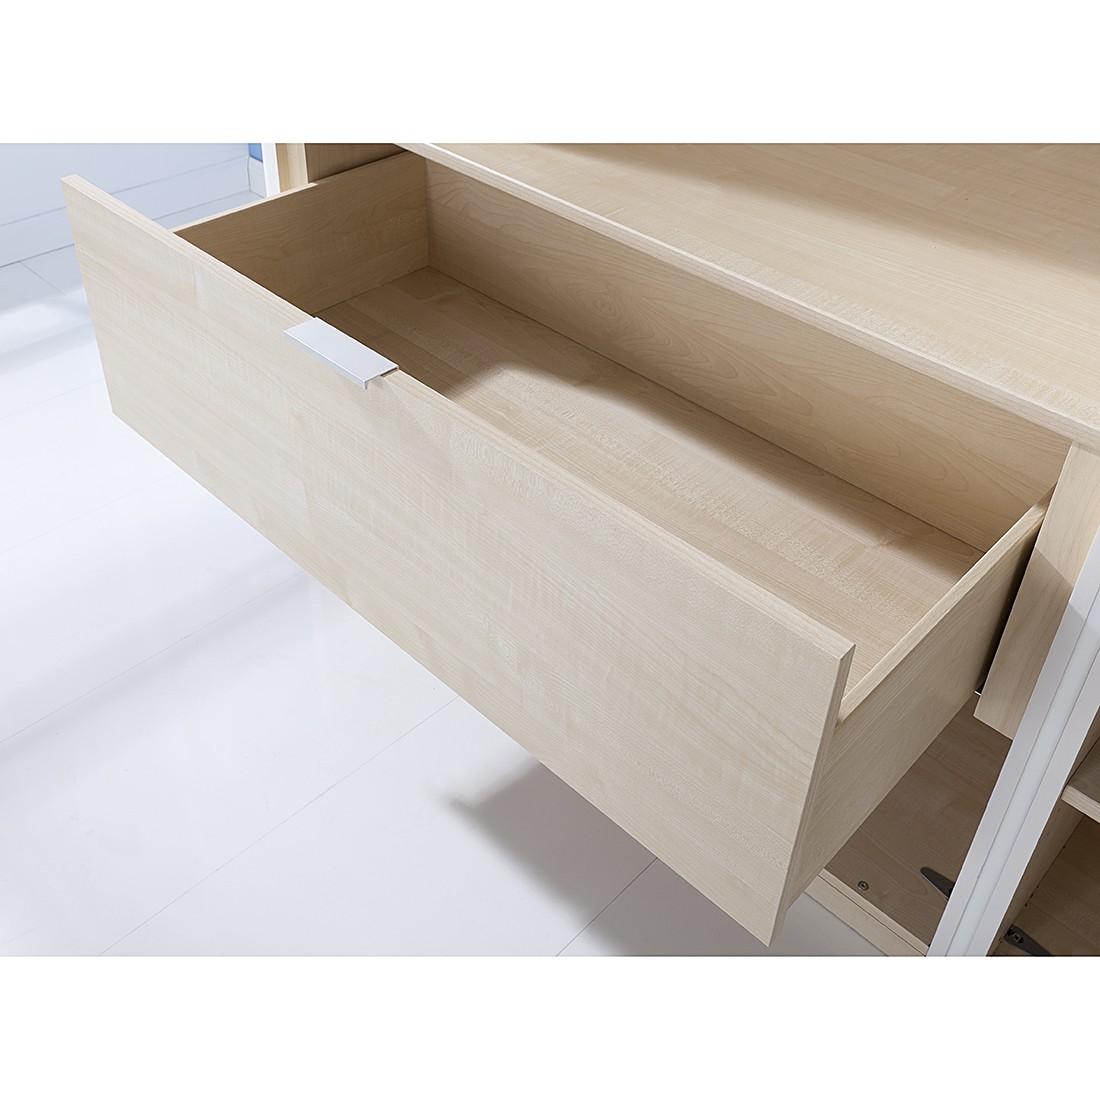 100er Innenschubkasten Solutions – (mit 1 Schublade), Solutions jetzt bestellen